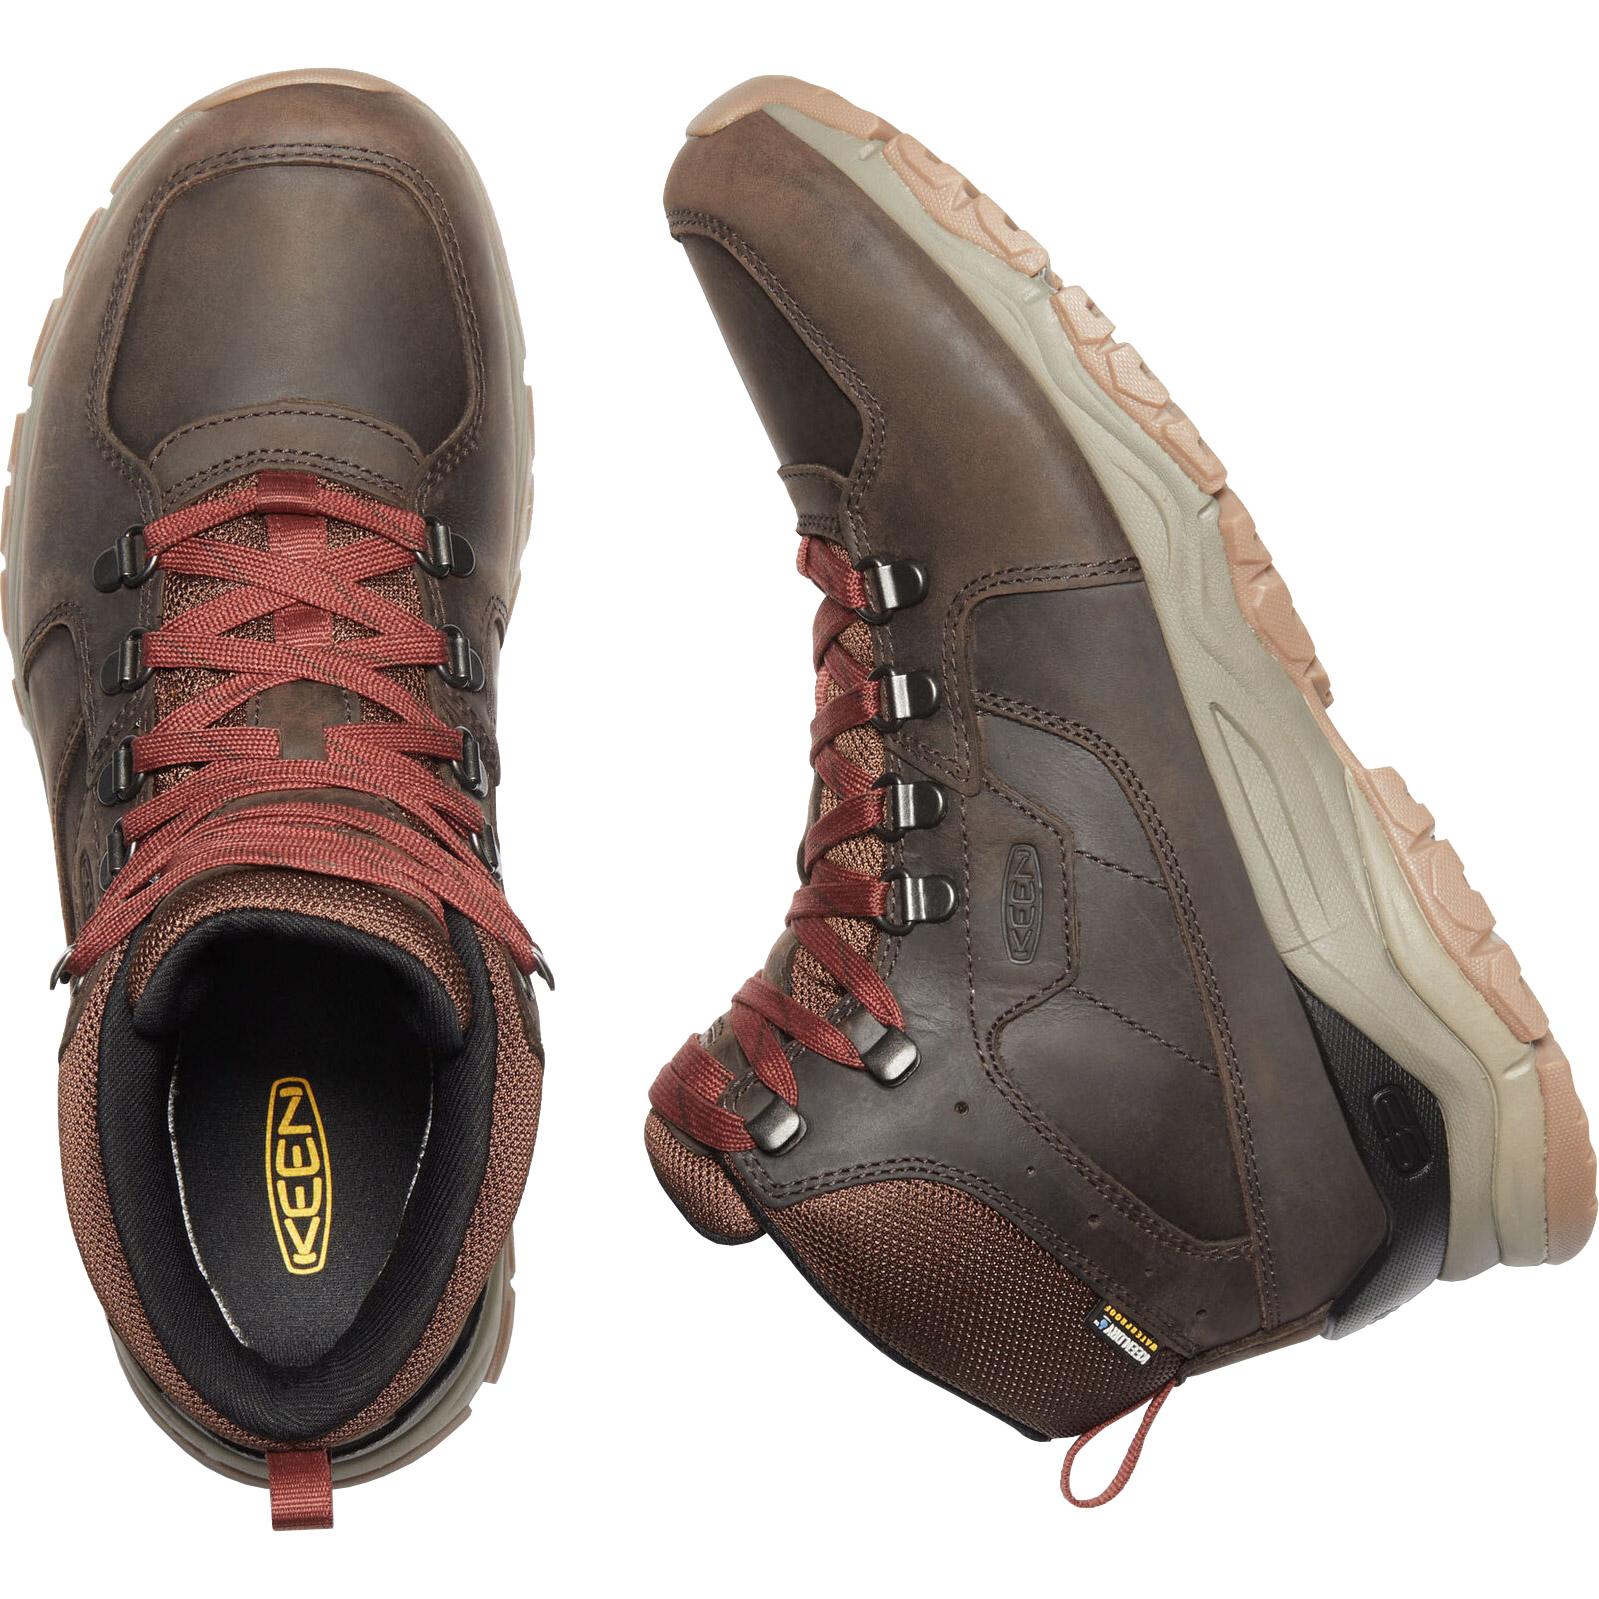 Bild von KEEN Innate Leather Mid Waterproof Herren-Wanderstiefel - Chestnut / Fired Brick